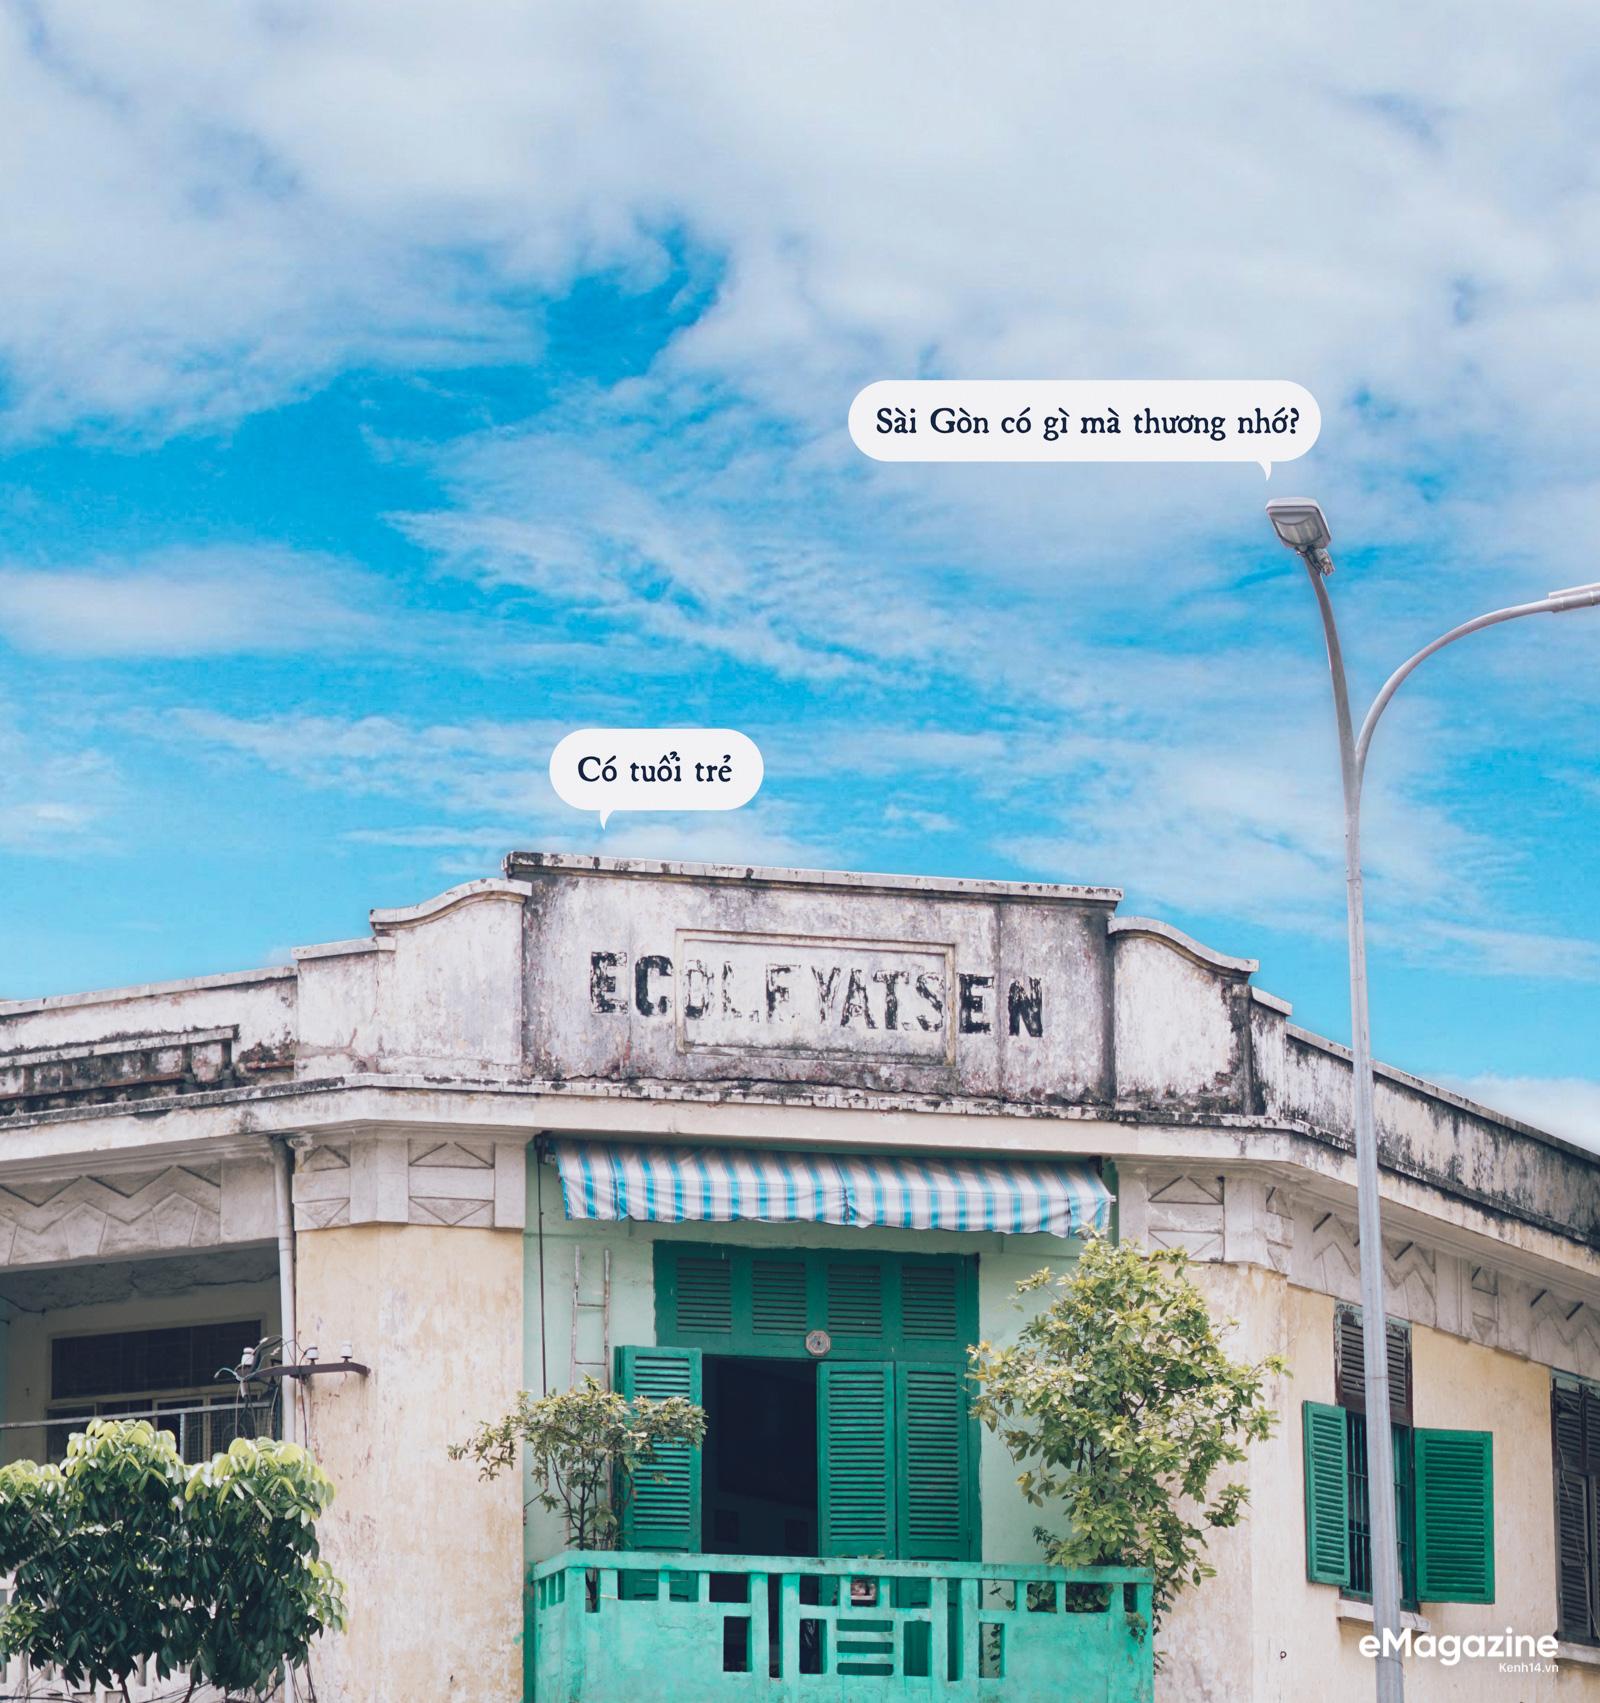 Sài Gòn thiệt thương: Nơi ta để lại tuổi trẻ nhiều nhất, đó sẽ là nơi bình yên nhất - Ảnh 2